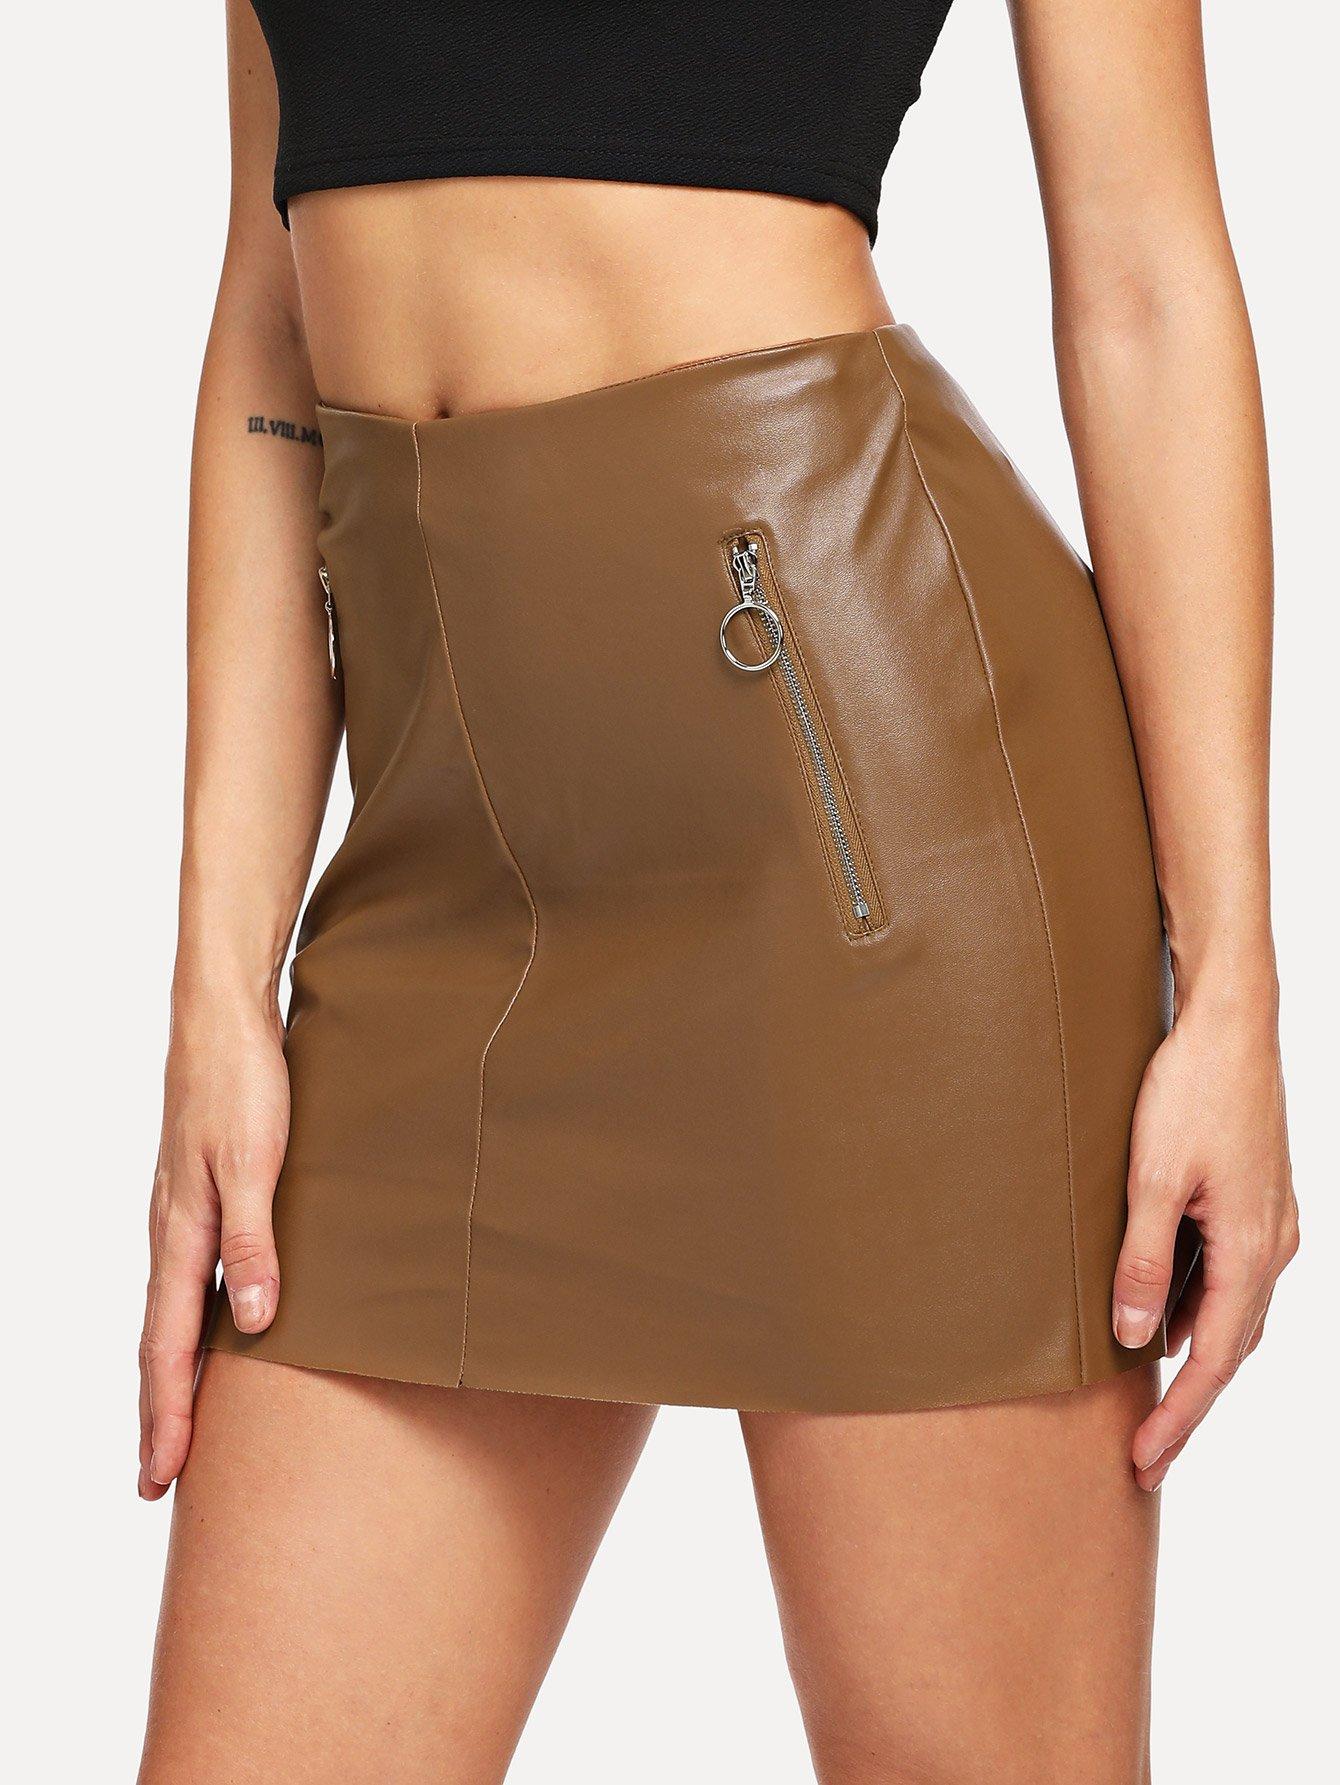 Купить O-Ring Zip Detail Искусственная кожаная юбка, Masha, SheIn